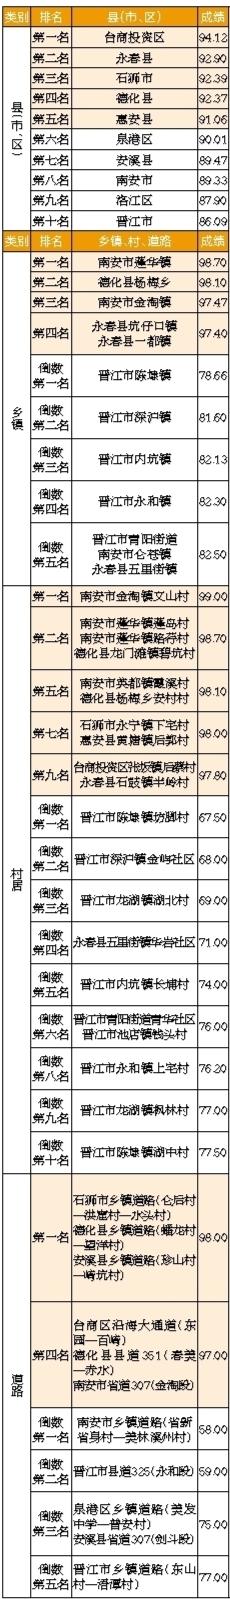 趣彩彩票手机客户端:2018年6月_泉州市美丽乡村环境卫生考评情况